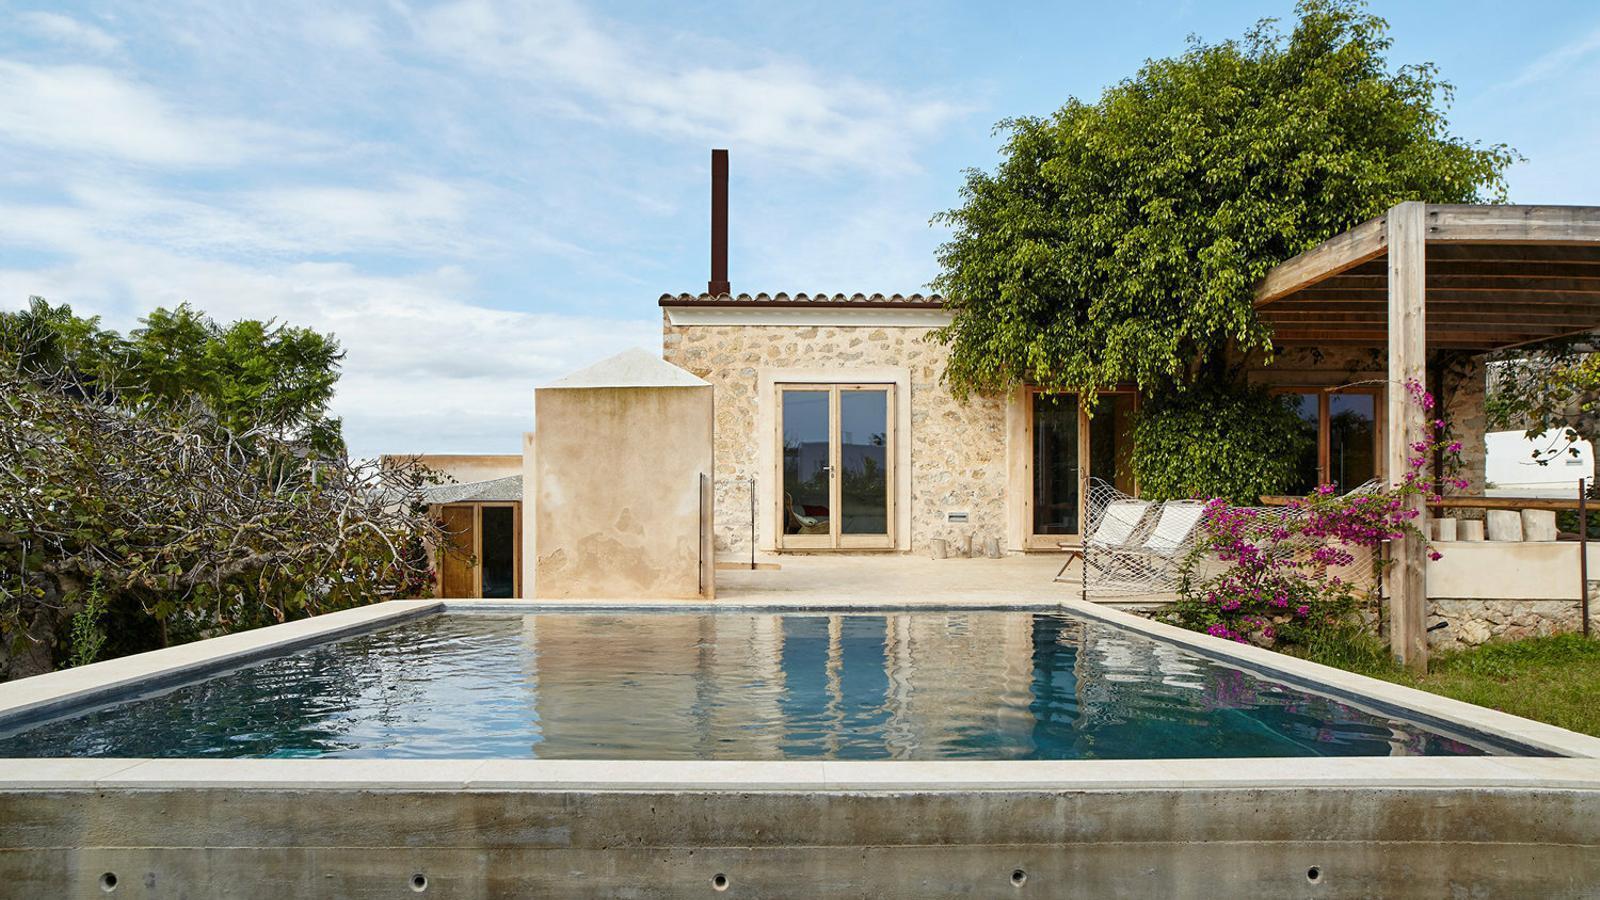 Una pèrgola de fusta ofereix un espai relaxat i ombrívol al costat de la petita piscina amb caràcter de safareig. La porxada té continuïtat amb un magatzem de fusta amb un espai per a la barbacoa.